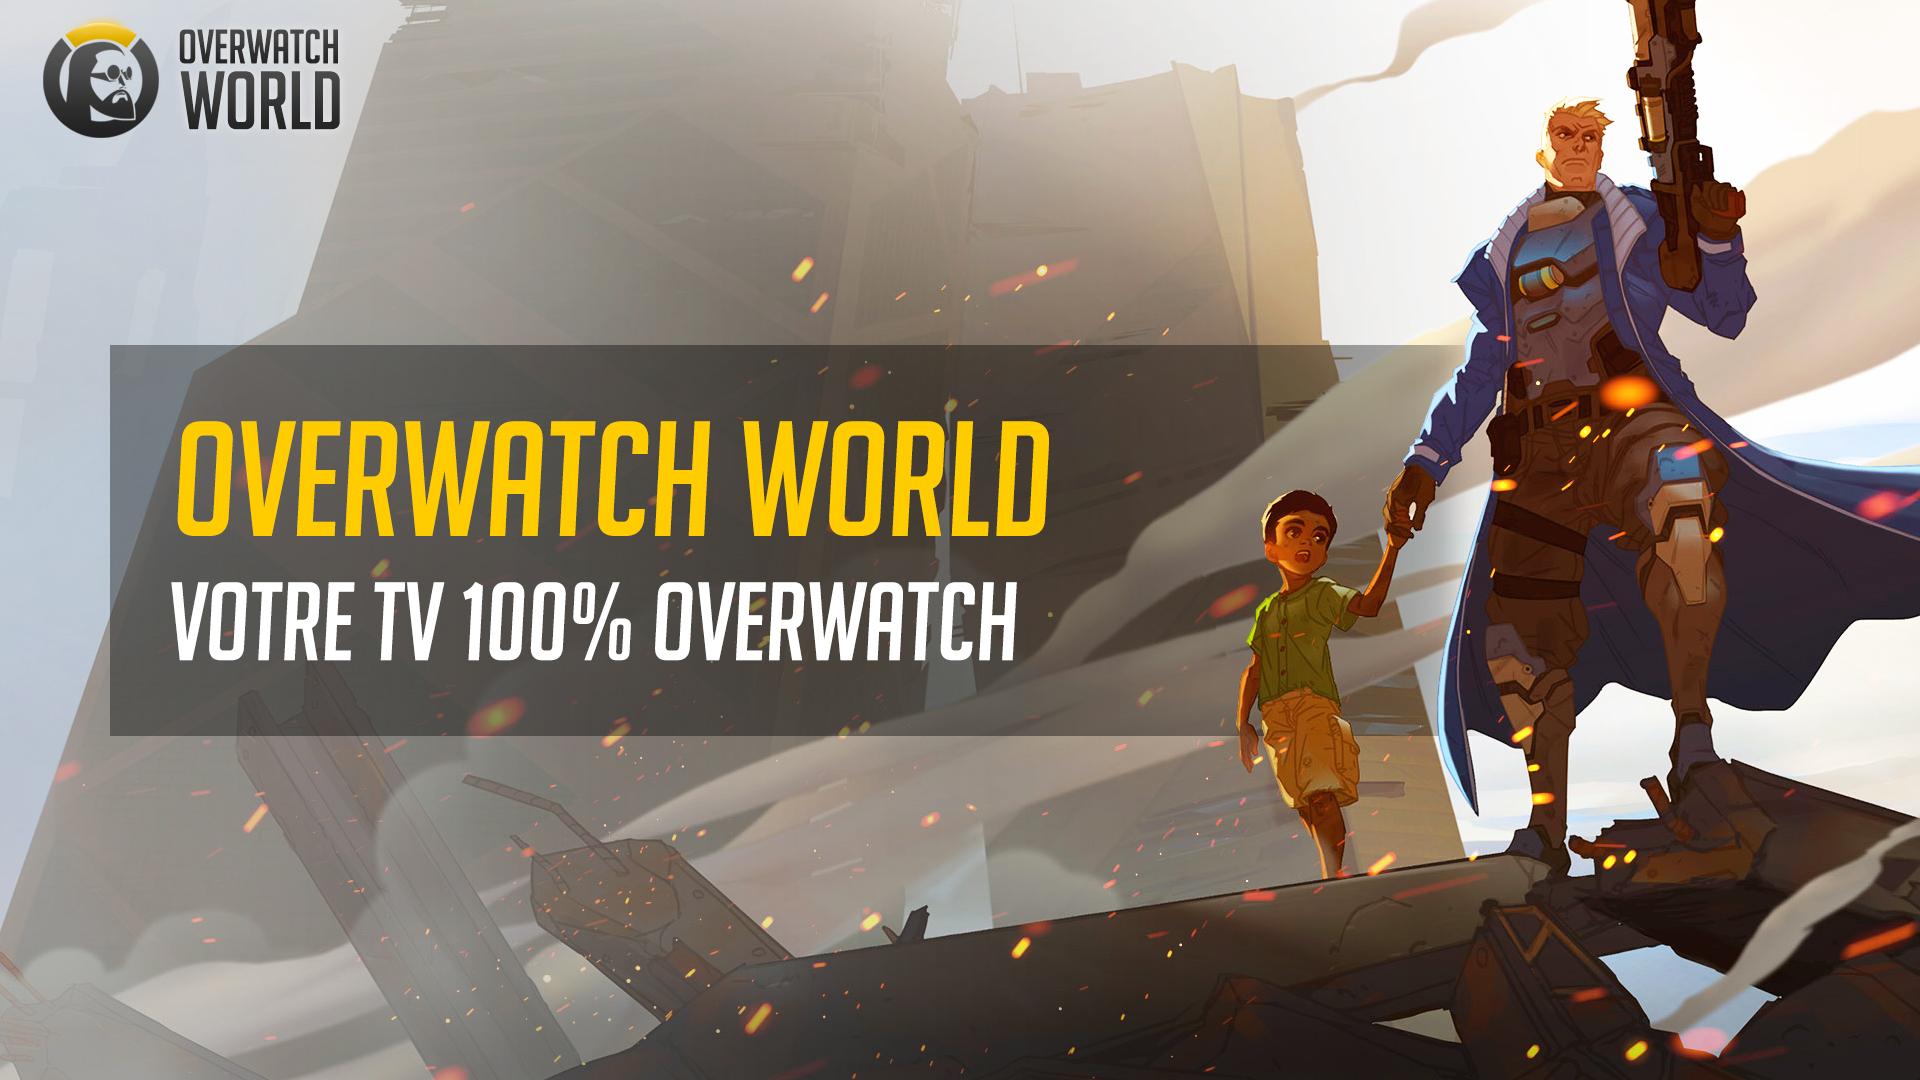 Overwatch-World, c'est aussi votre dose quotidienne d'Overwatch en live !